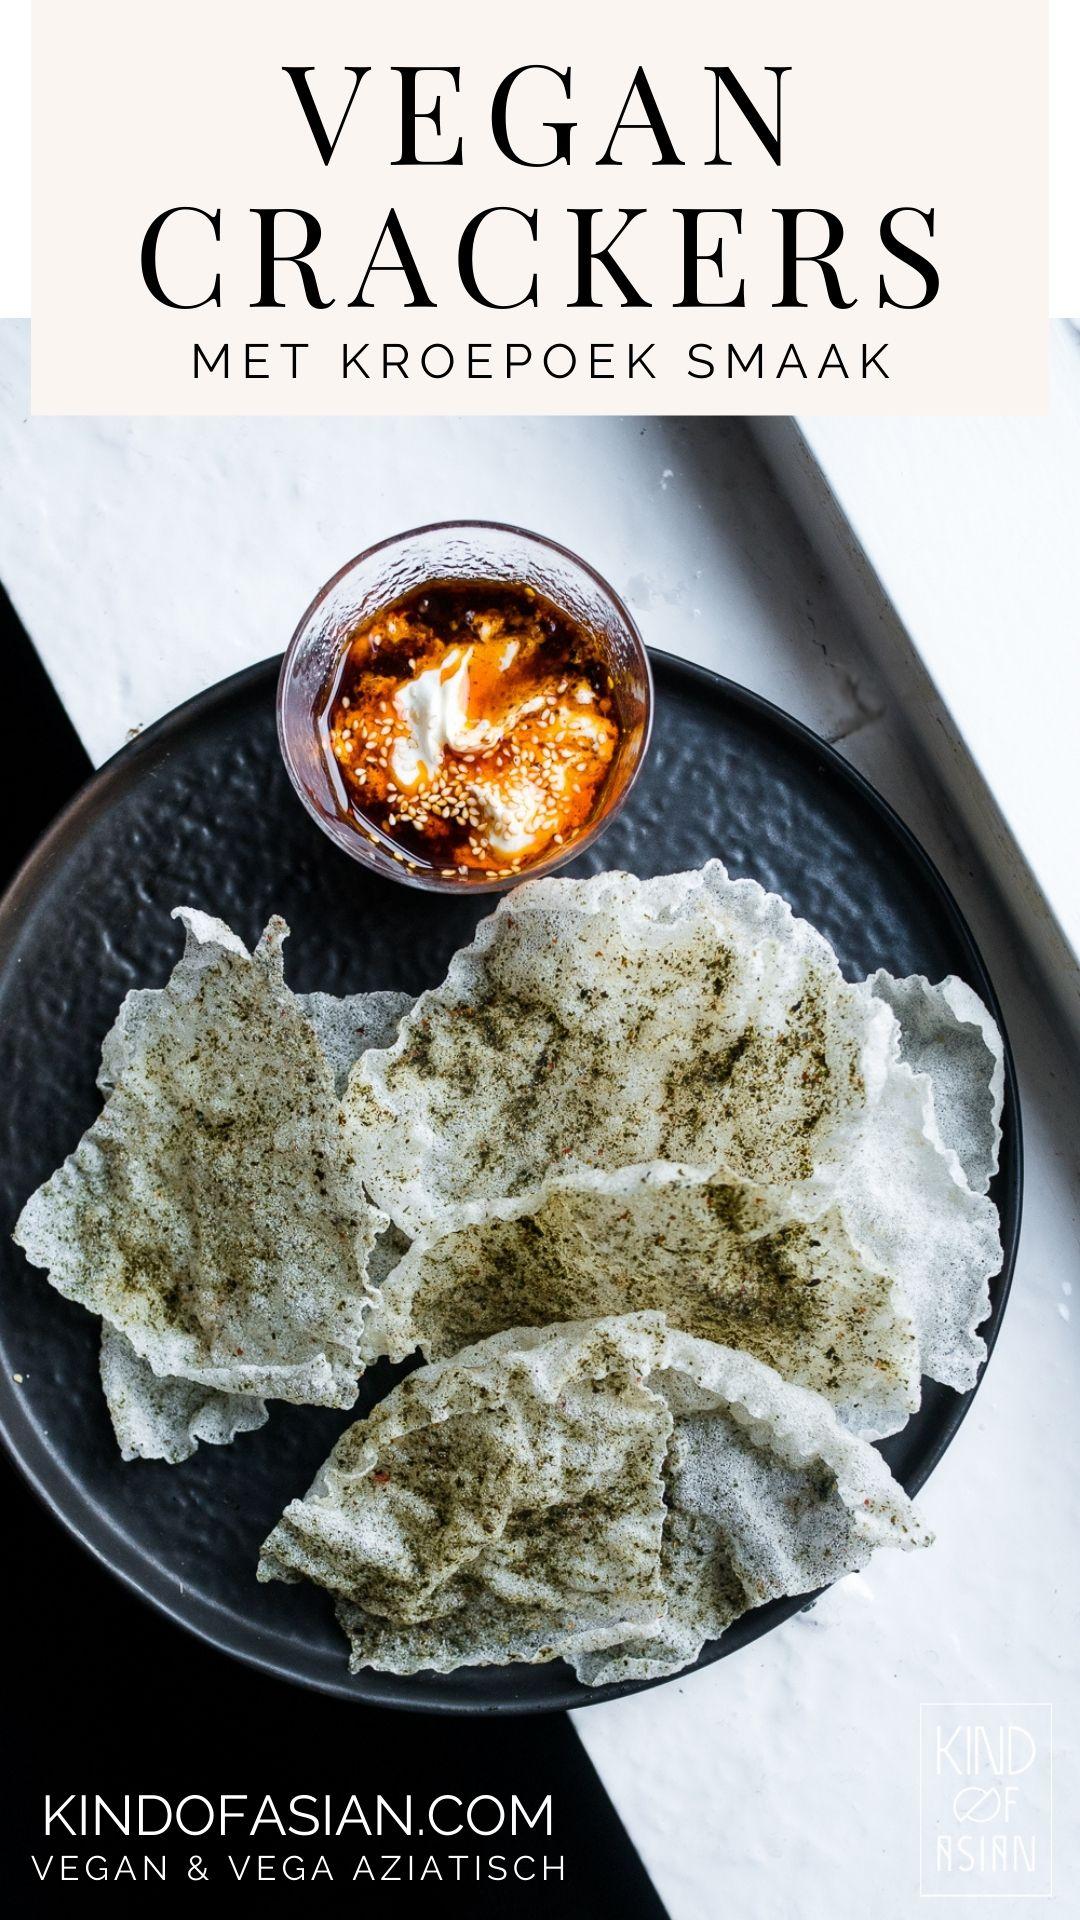 Van vellen rijstpapier (die je normaal gesproken gebruikt voor Vietnamese summer rolls/ spring rolls) maak je met dit recept krokante vegan dunne crackers met een ziltige kroepoek smaak. Frituur zelf luchtige en krokante chips van rijst met een lekker hartige smaak en veel minder zout dan snacks uit de winkel. Ga voor dit en andere vegan en vegetarische Aziatische recepten naar kindofasian.com. #makkelijk #dtussendoortje #glutenvrij